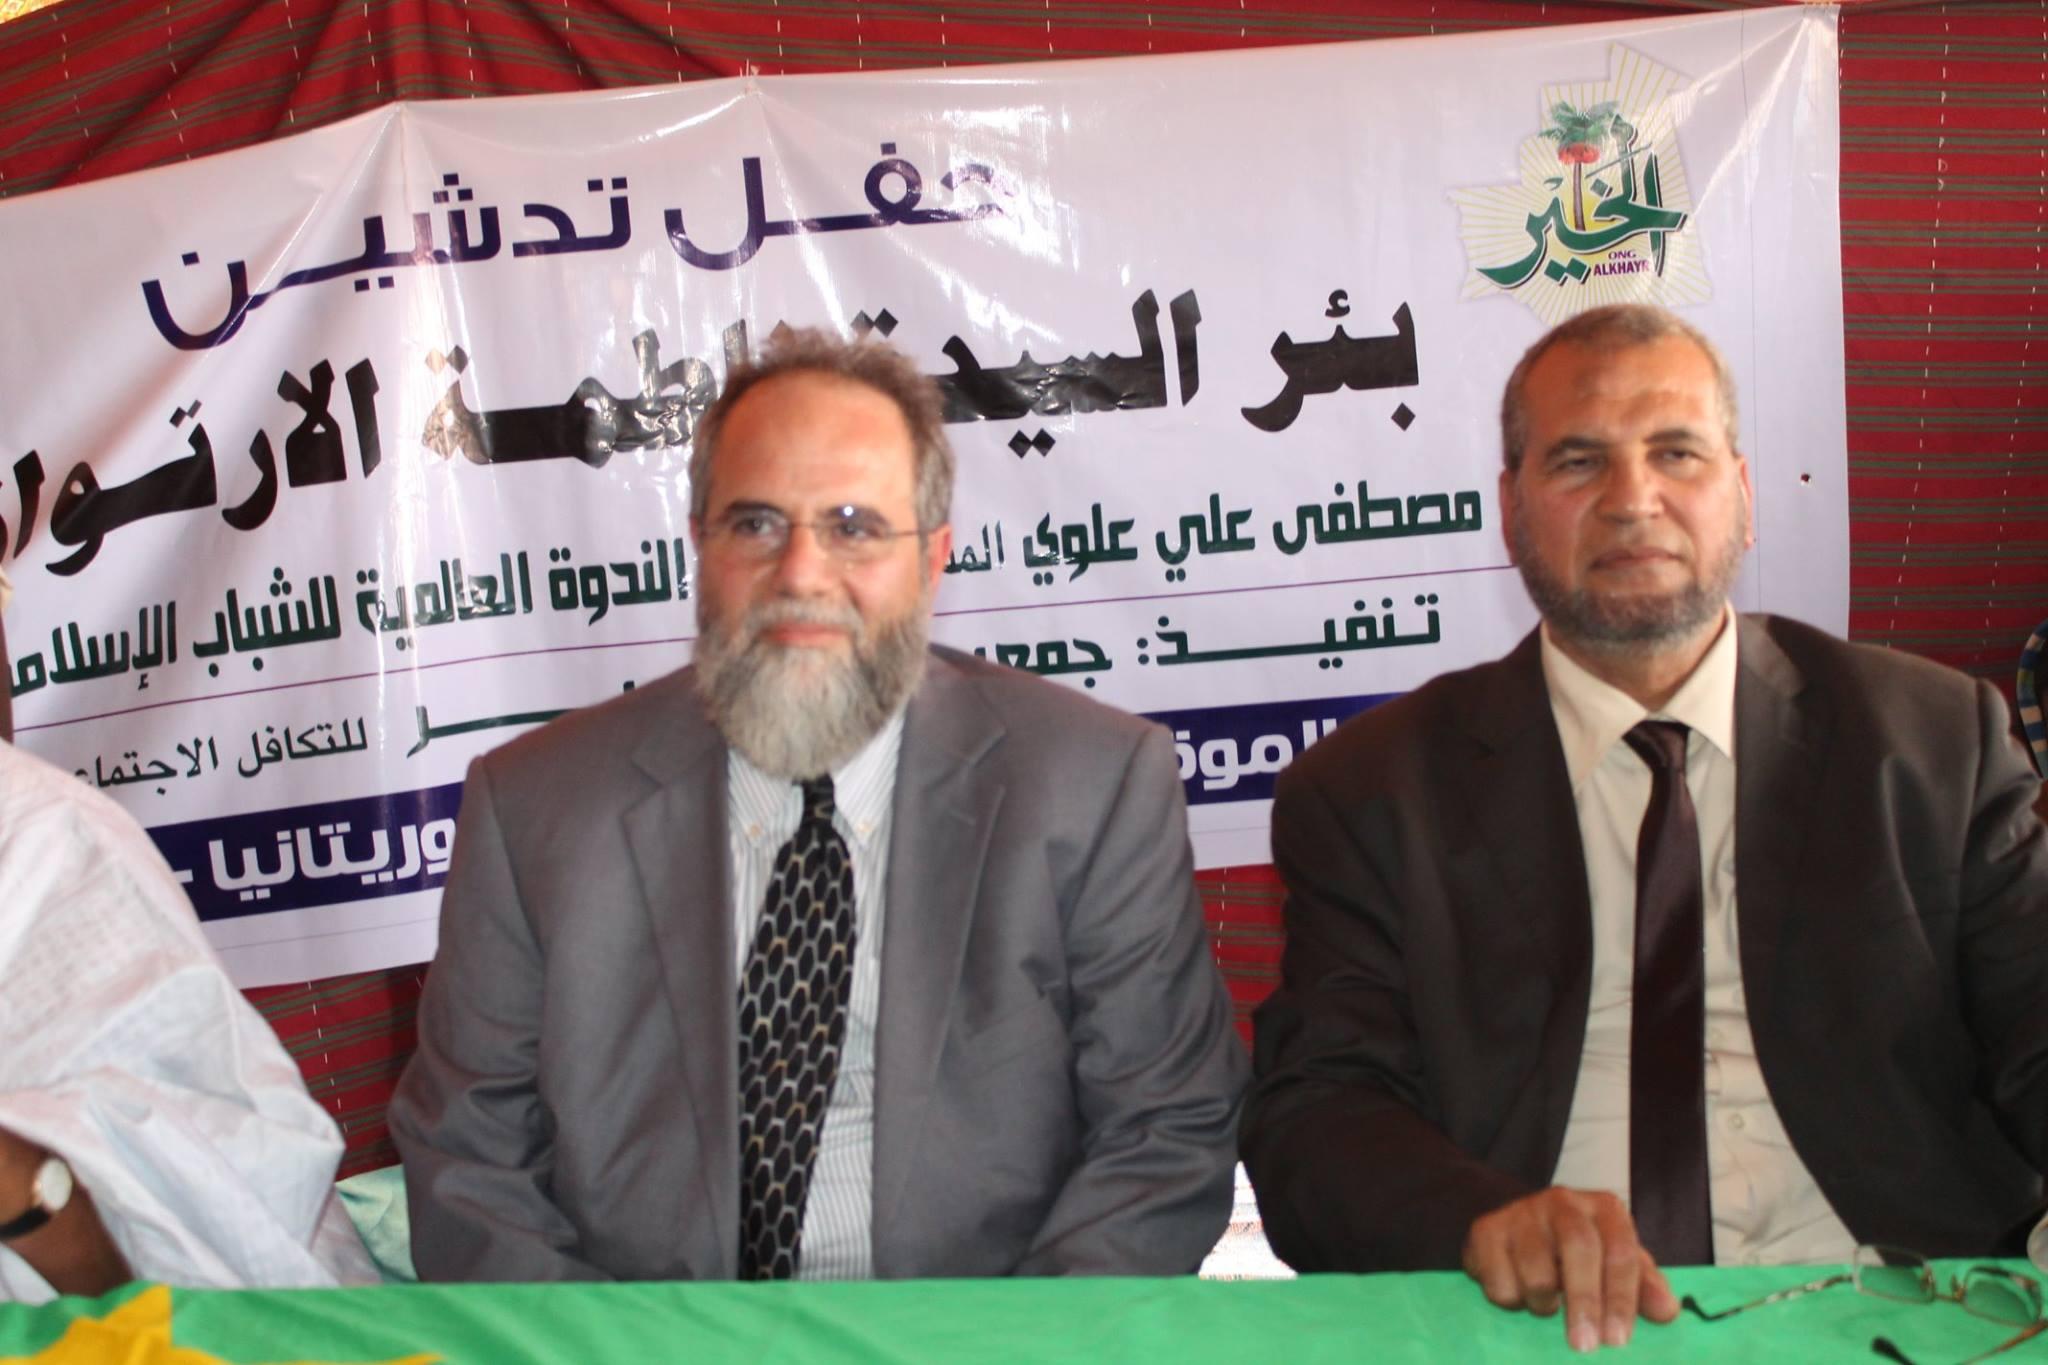 المحاضر مصطفى علي علوي (يسار الصورة) و الدكتور محمد أحمد النجار (يمين الصور )